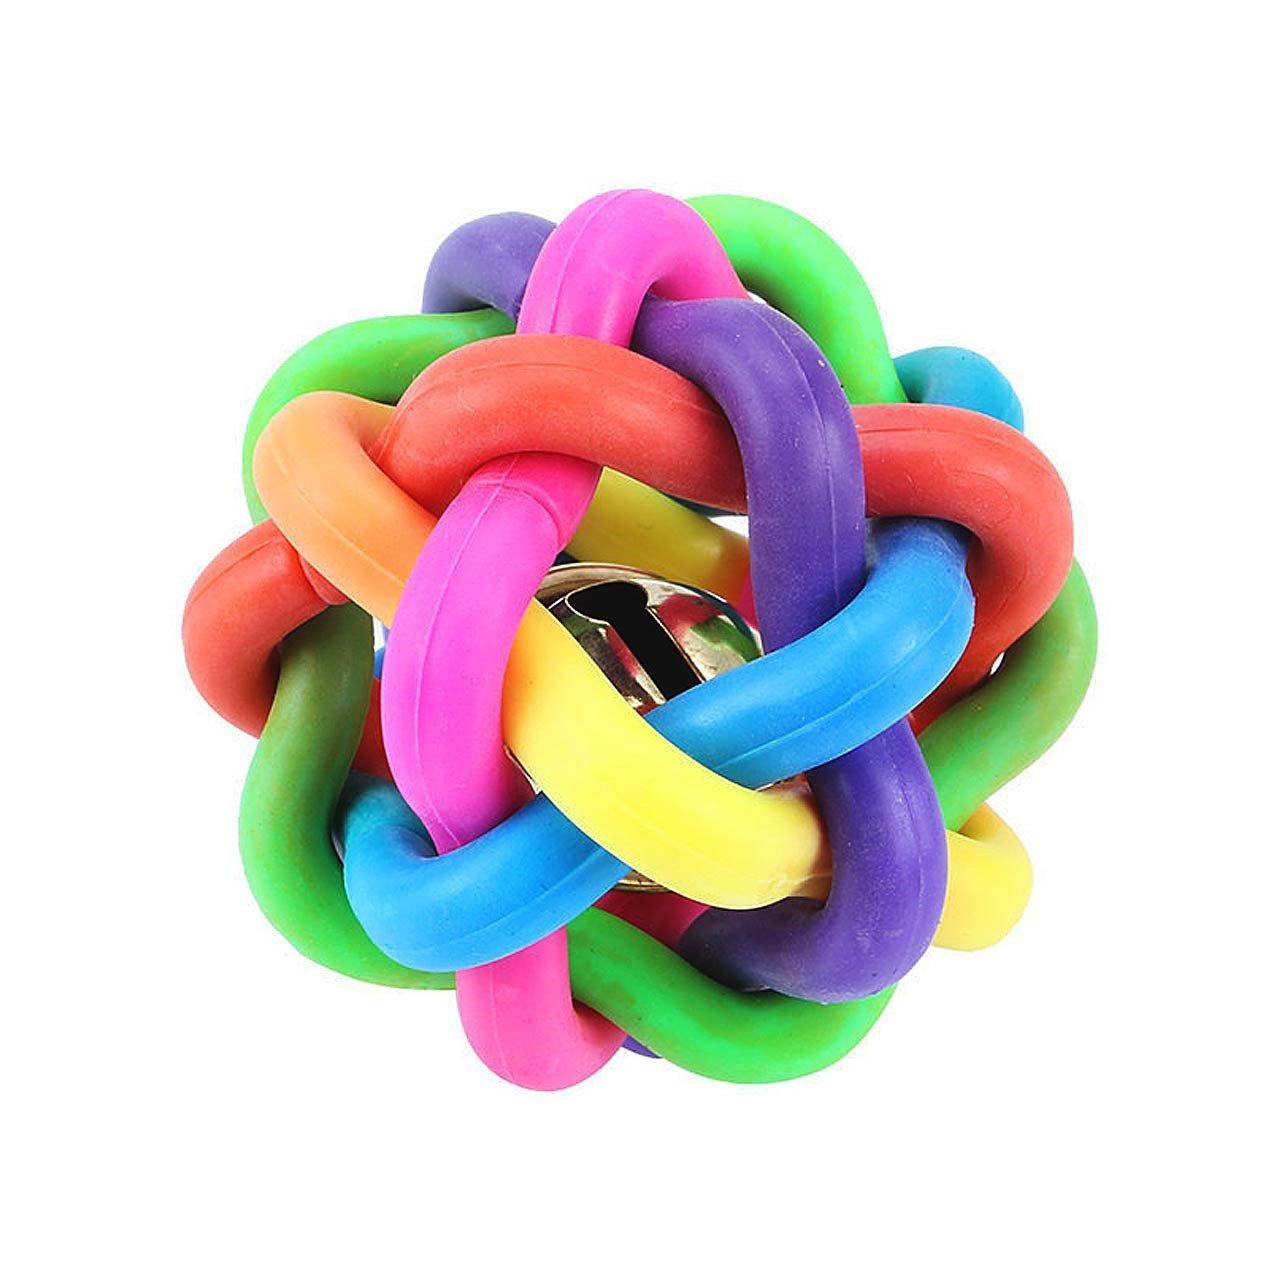 اسباب بازی سگ توپ پیچ در پیچ مدل Juguetes Perro Ball-L قطر 8.5 سانتی متری